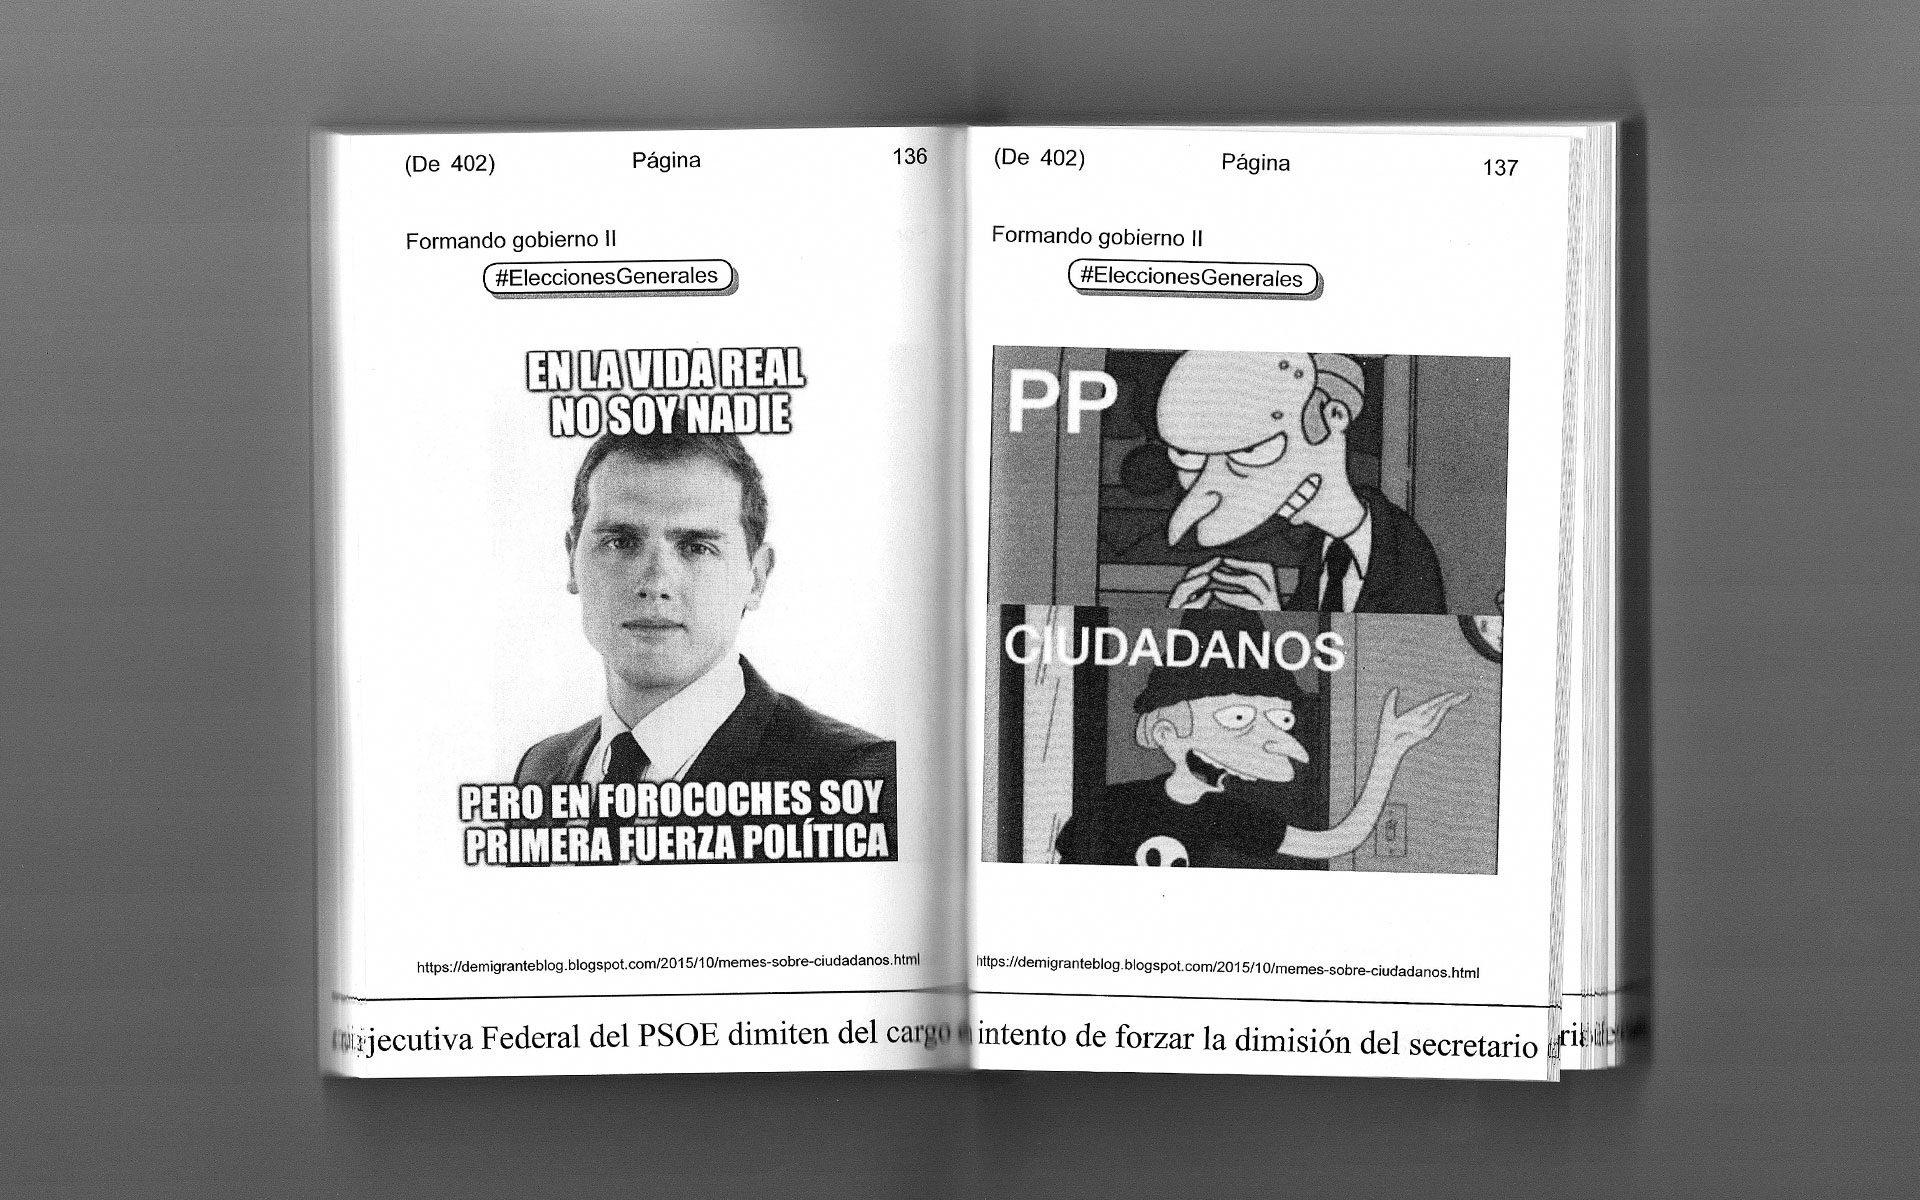 meme de Albert Rivera y Ciudadanos